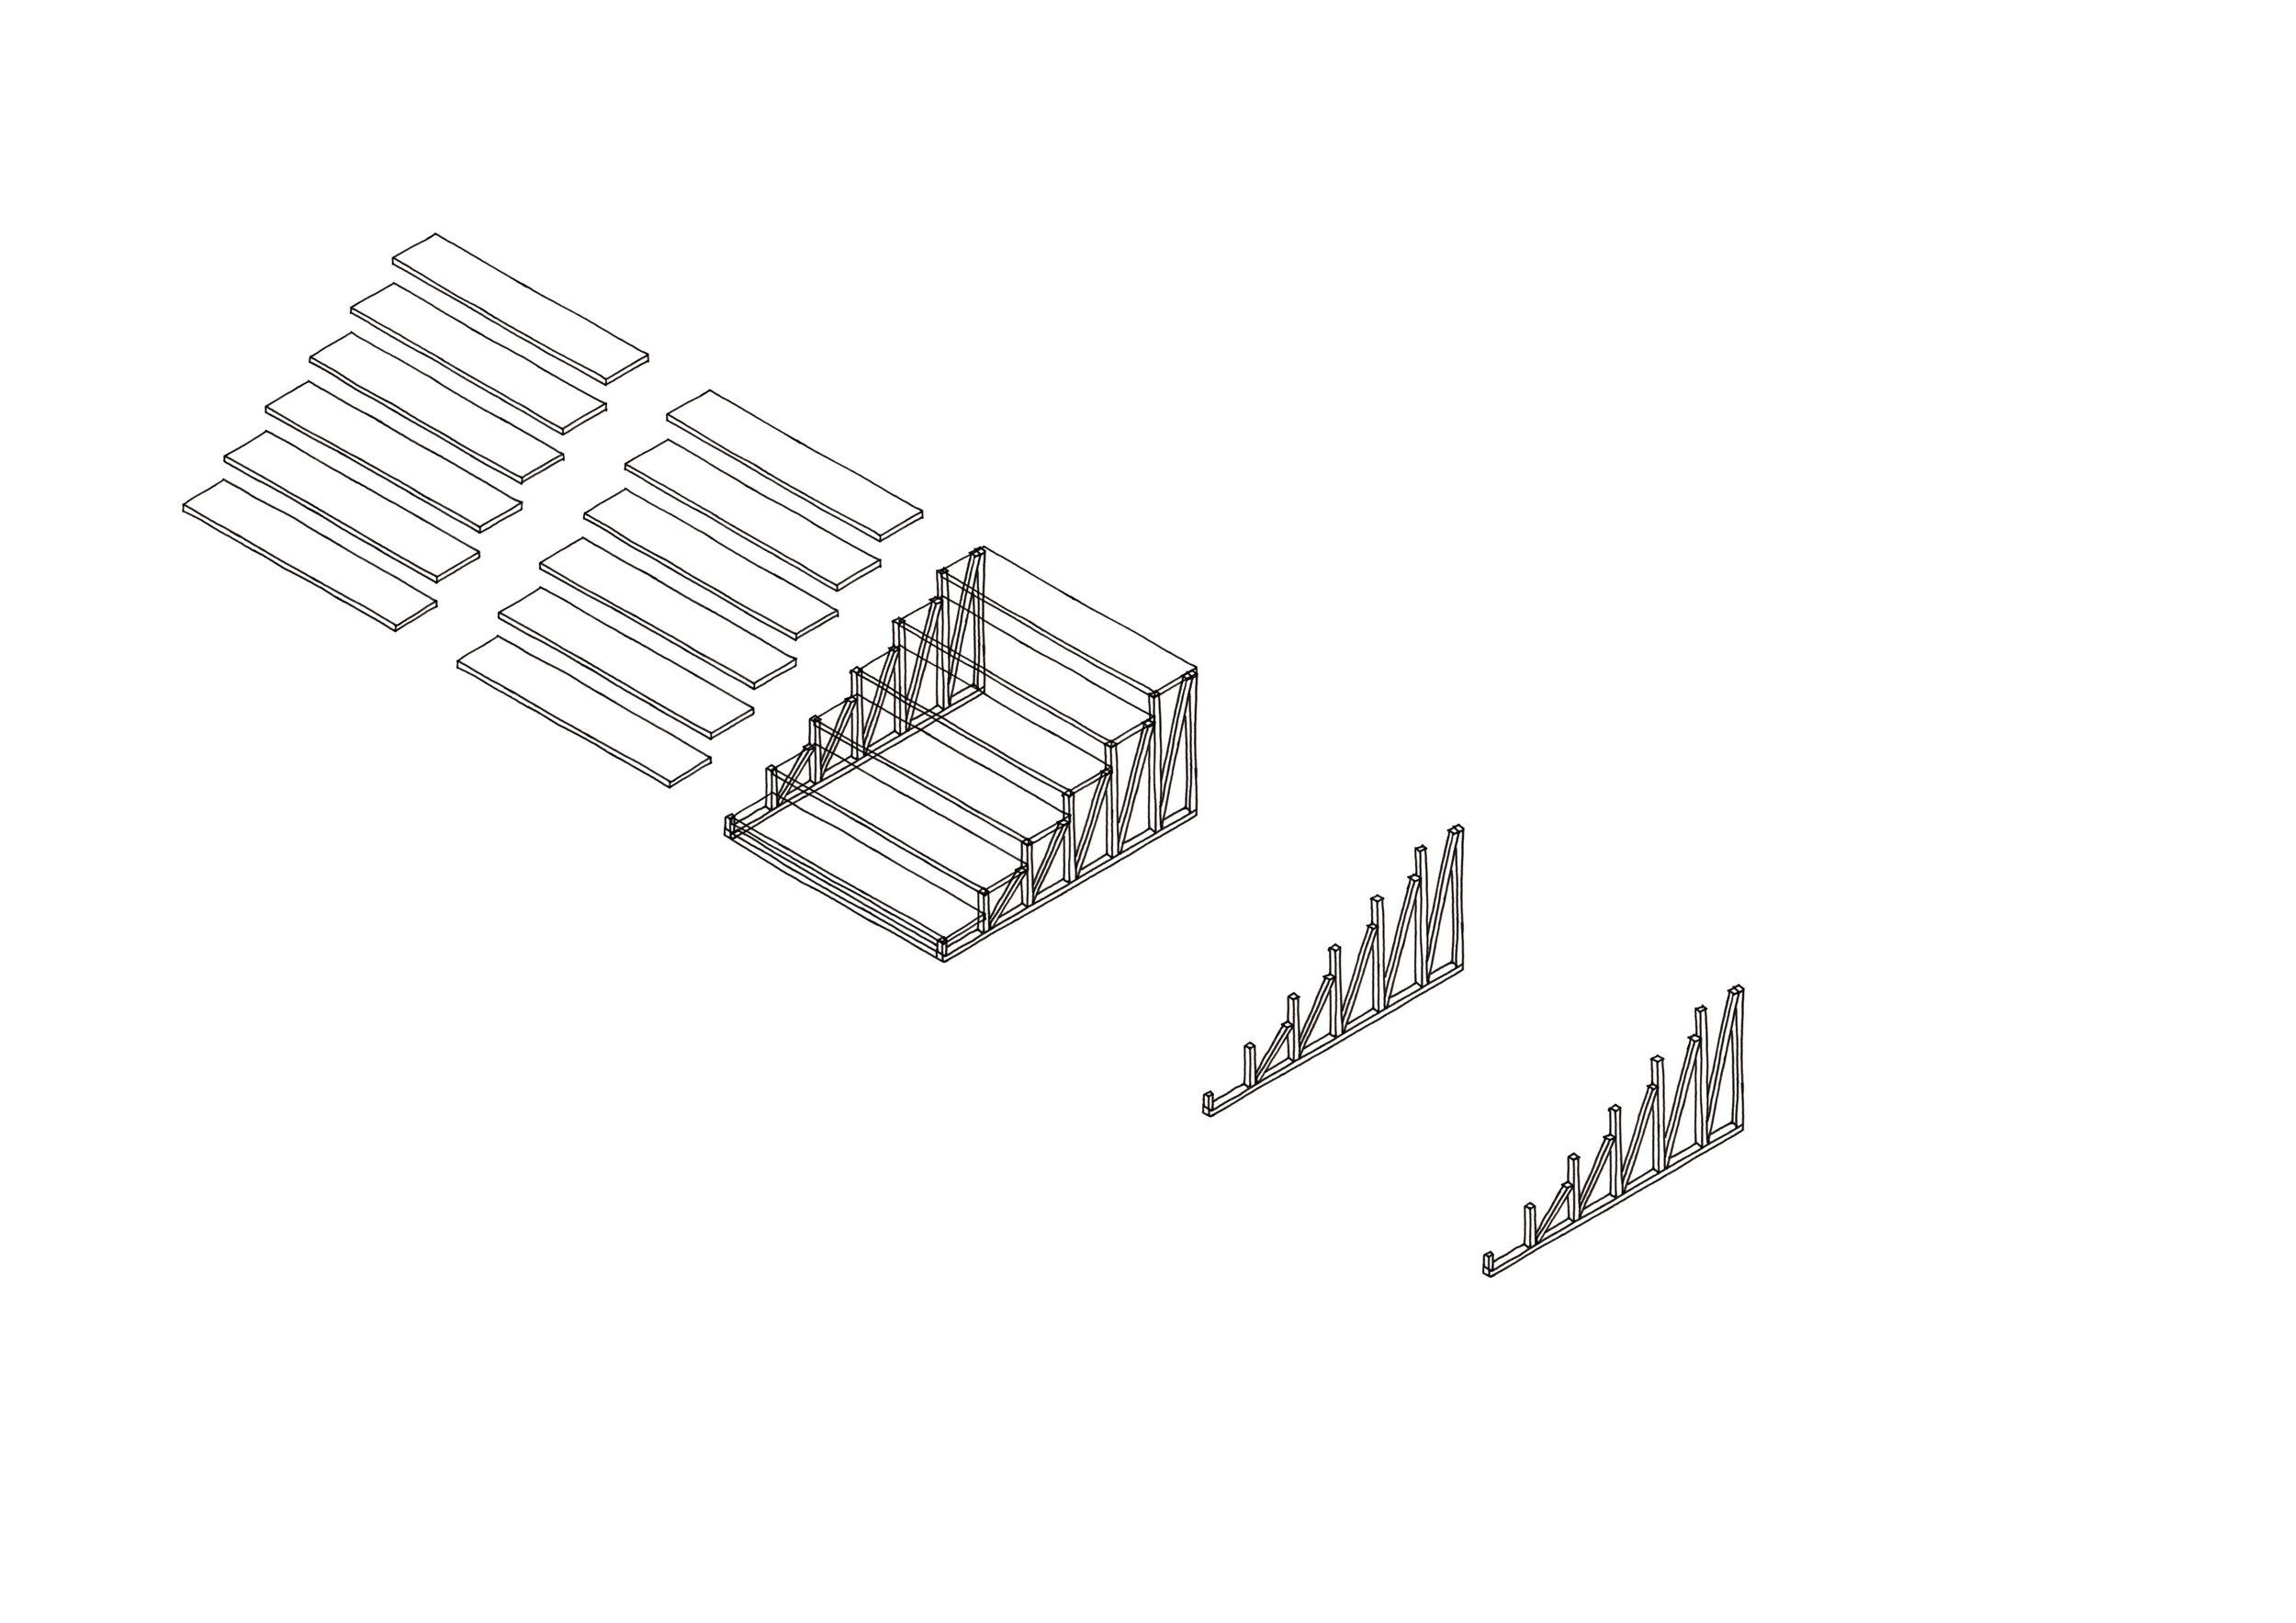 Parts-together-02.jpg